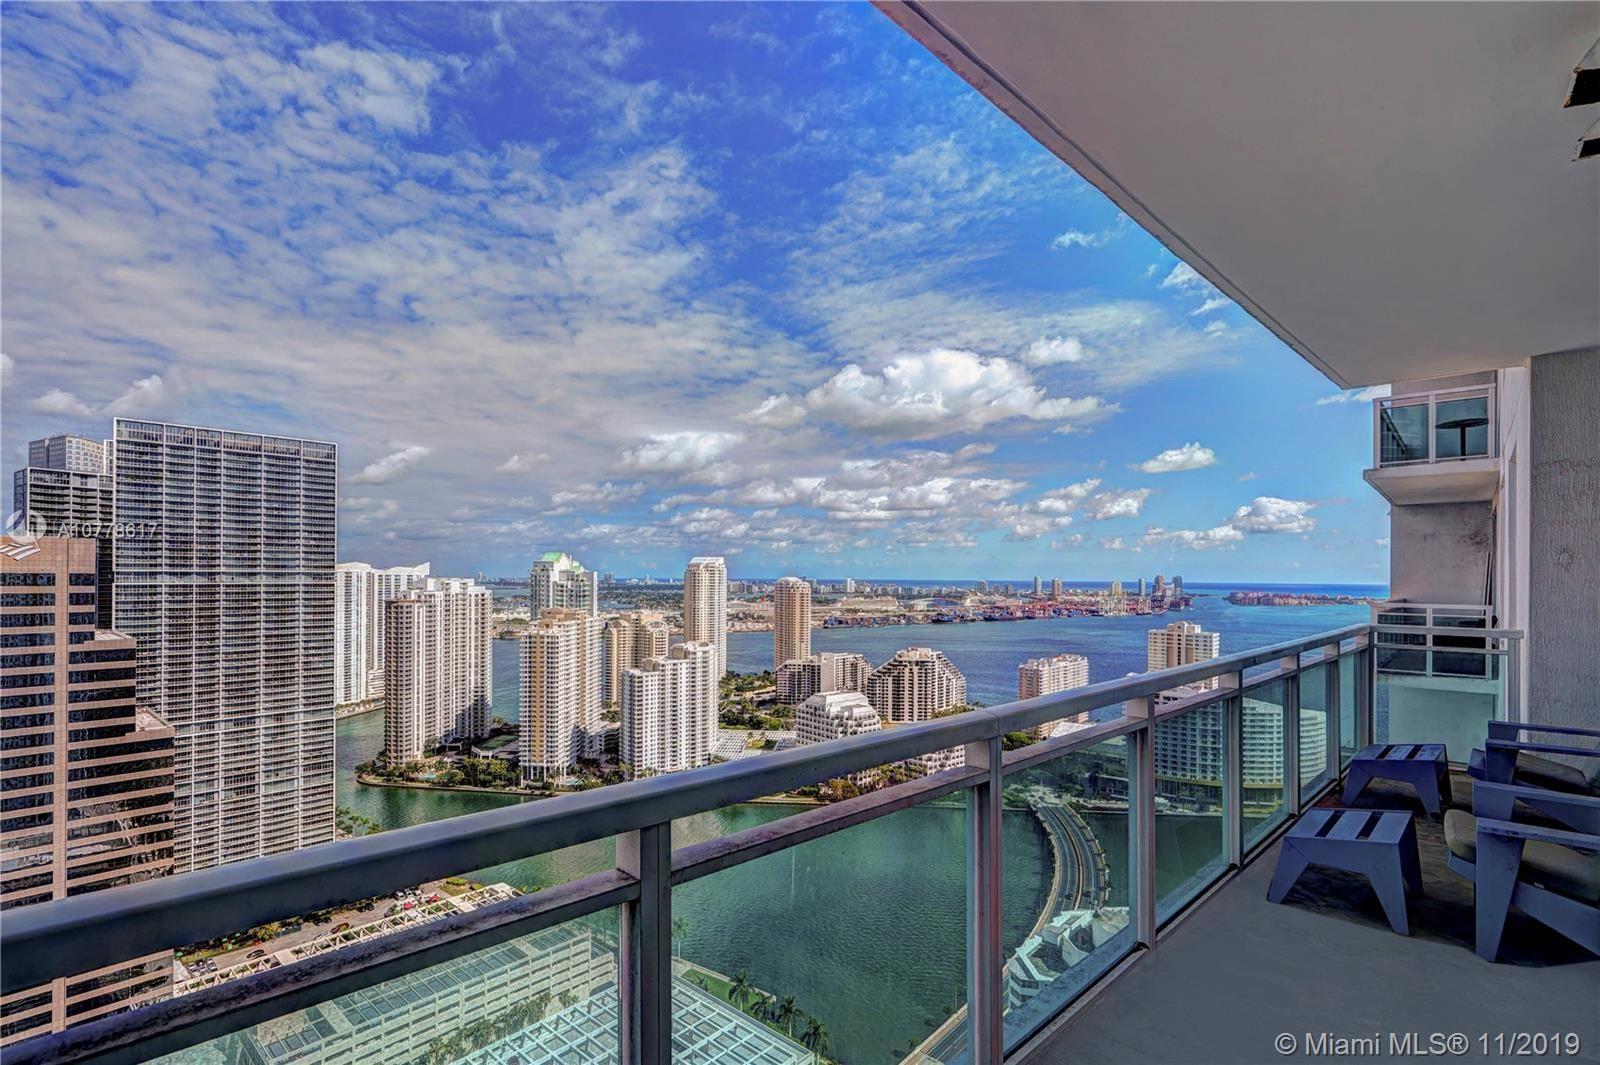 950 Brickell Bay Dr #4306, Miami, FL 33131 - #: A10778617